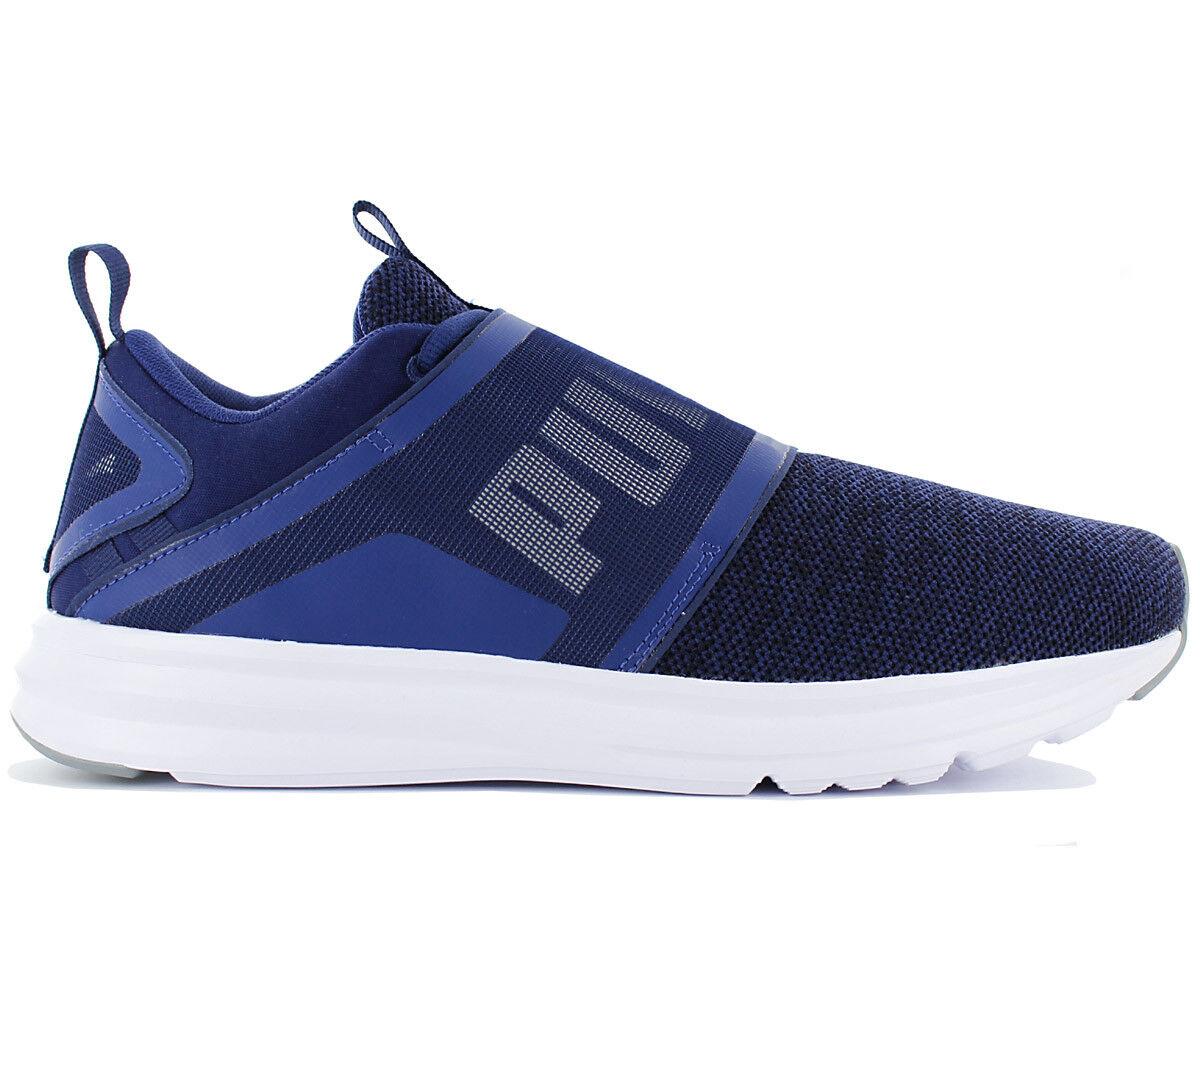 Puma enzo Strap Knit zapatos calcetines cortos azul zapatillas de deporte ocio 190029-03